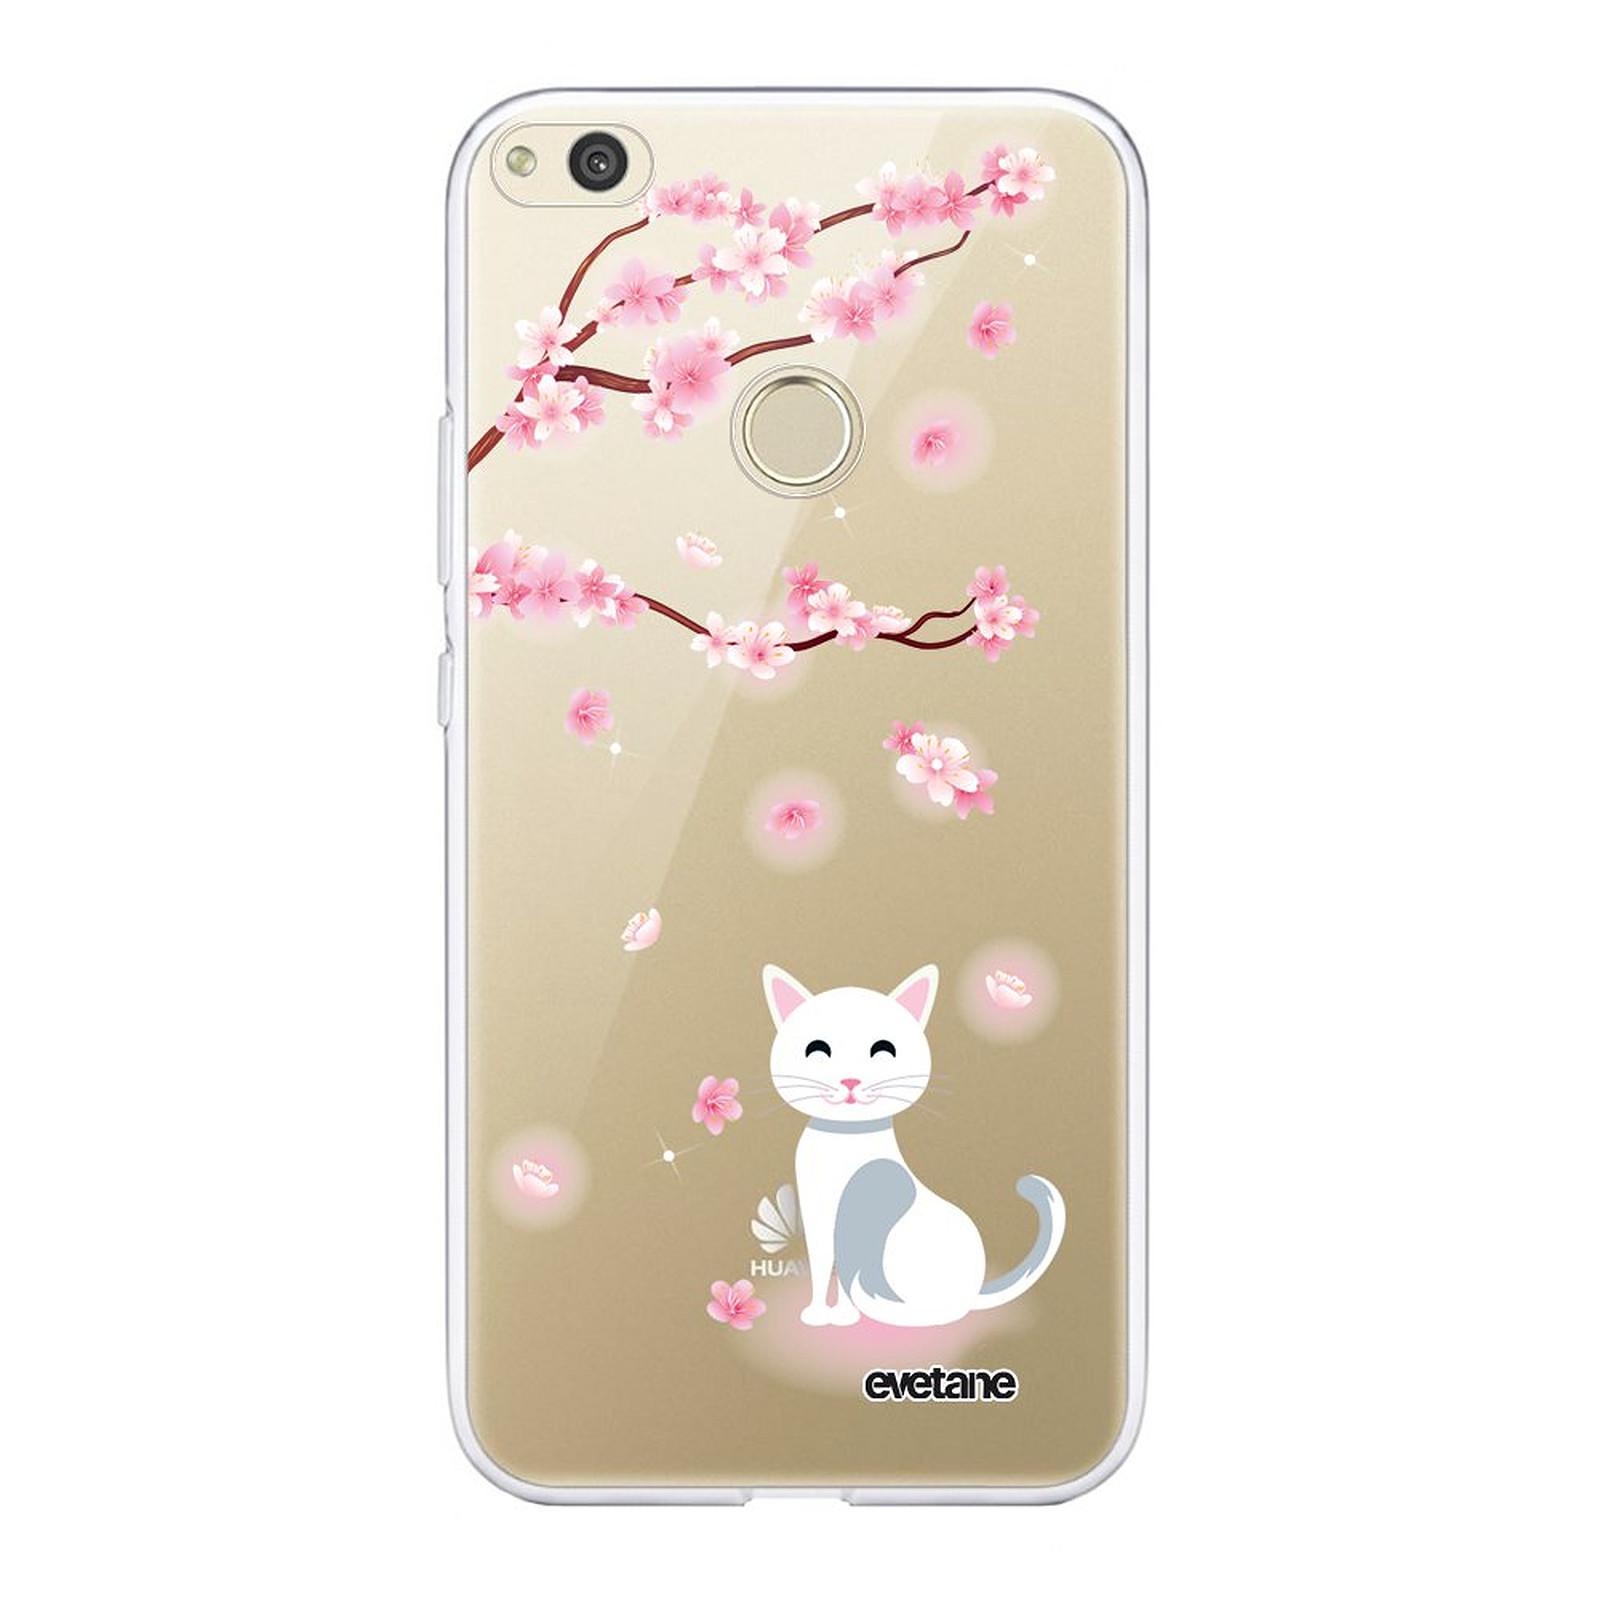 EVETANE Coque Huawei P8 lite 2017 souple transparente Chat et Fleurs - Coque téléphone Evetane sur LDLC